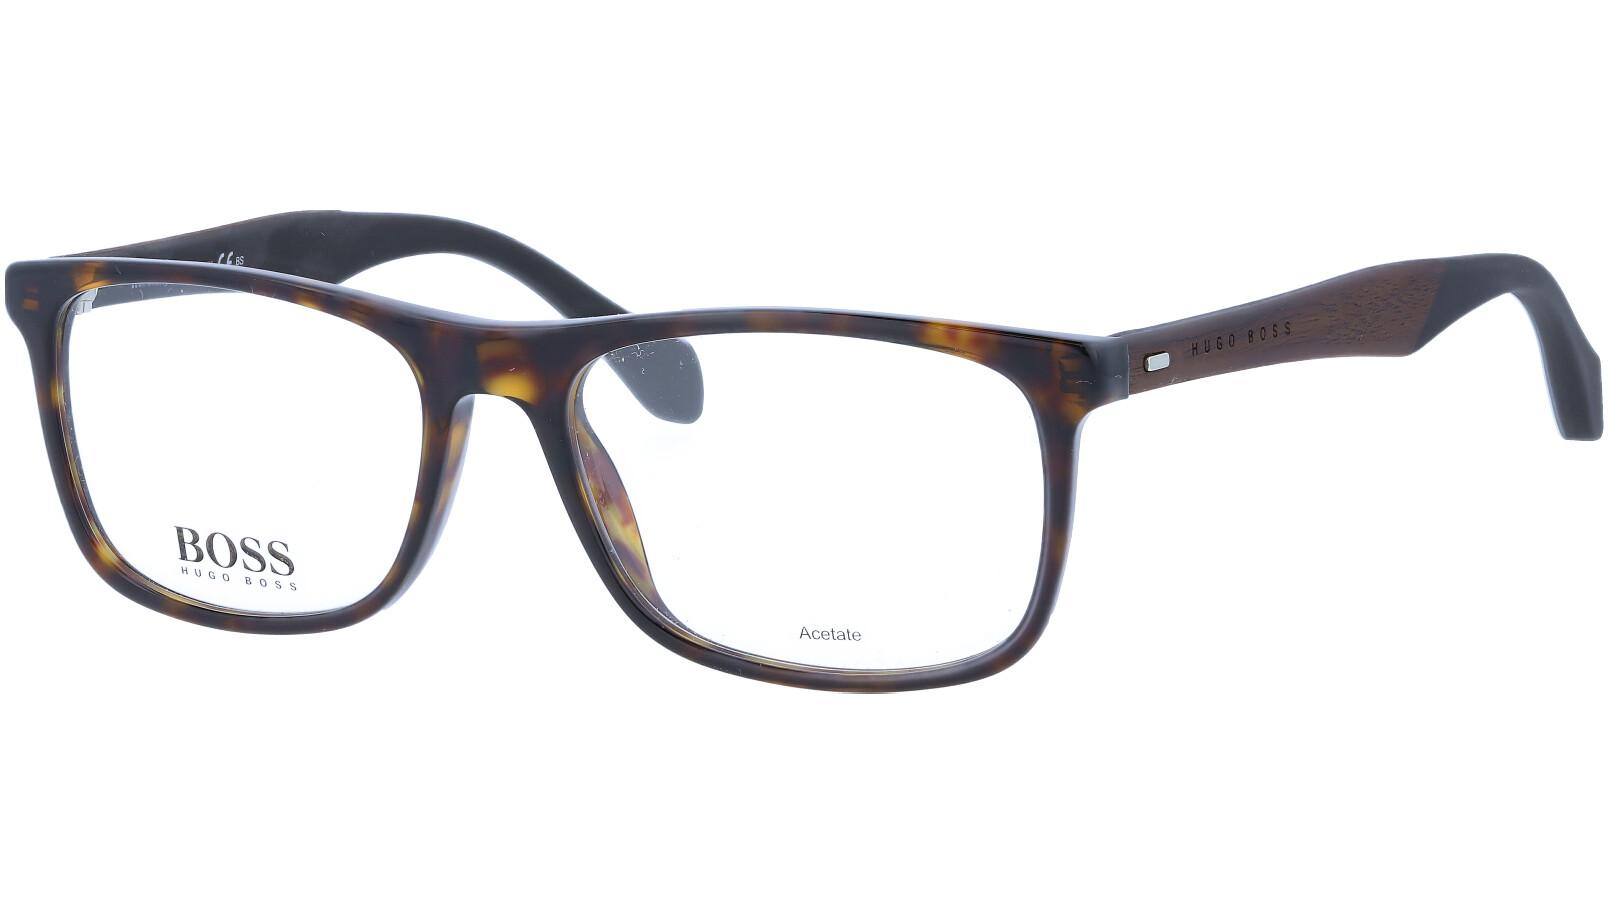 Hugo Boss BOSS0779 086 54 Dark Glasses